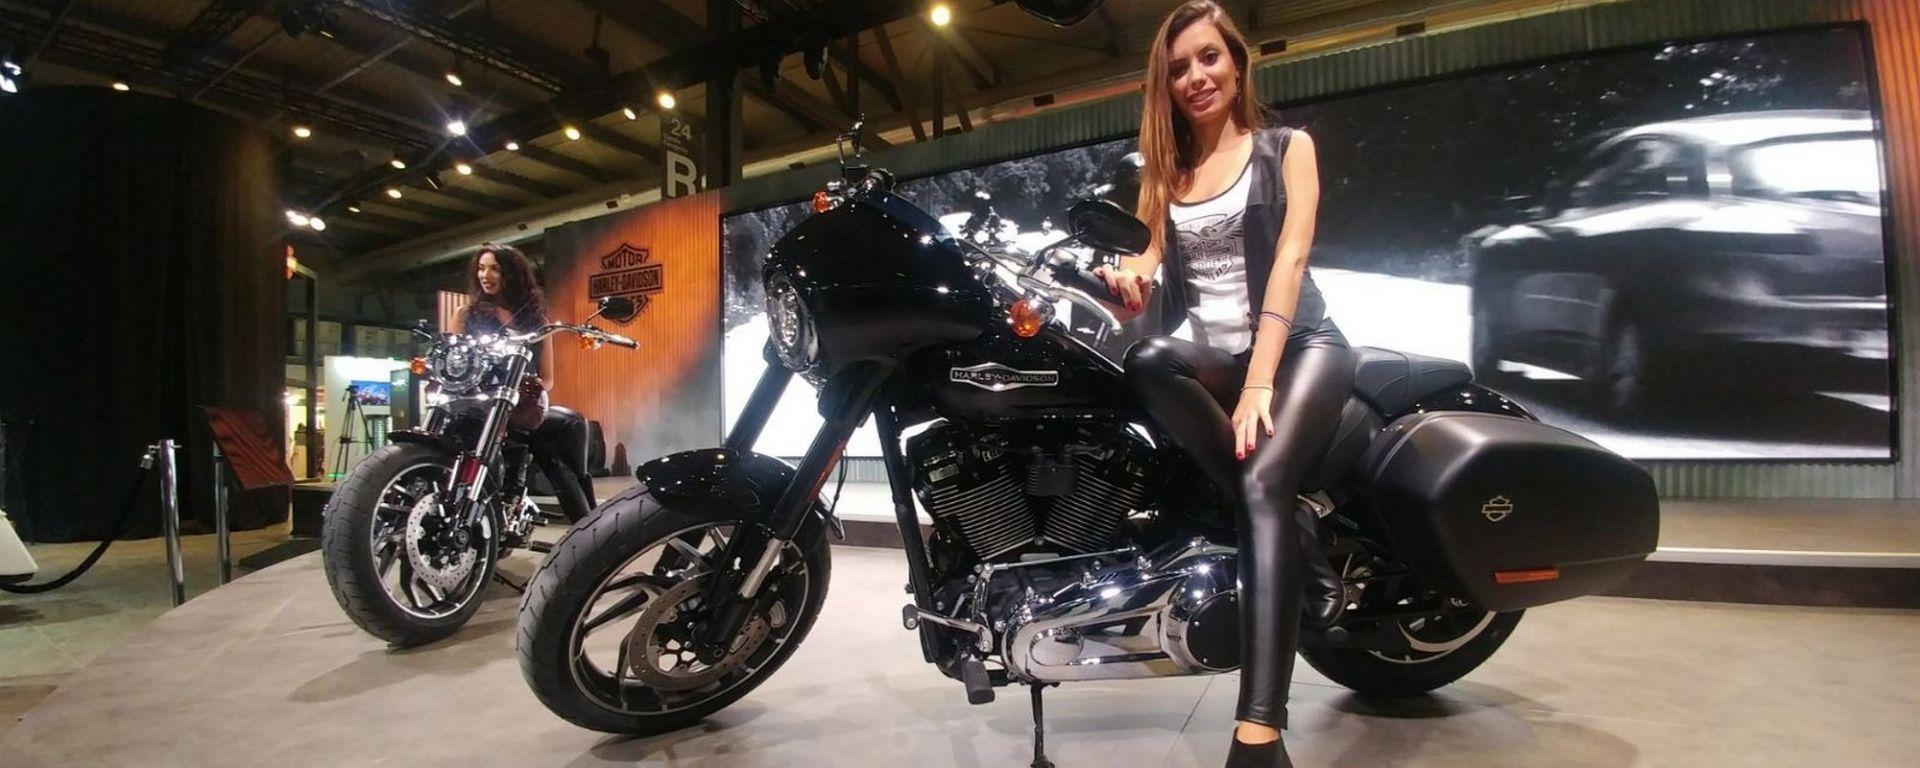 EICMA 2017: le novità allo stand Harley Davidson - MotorBox